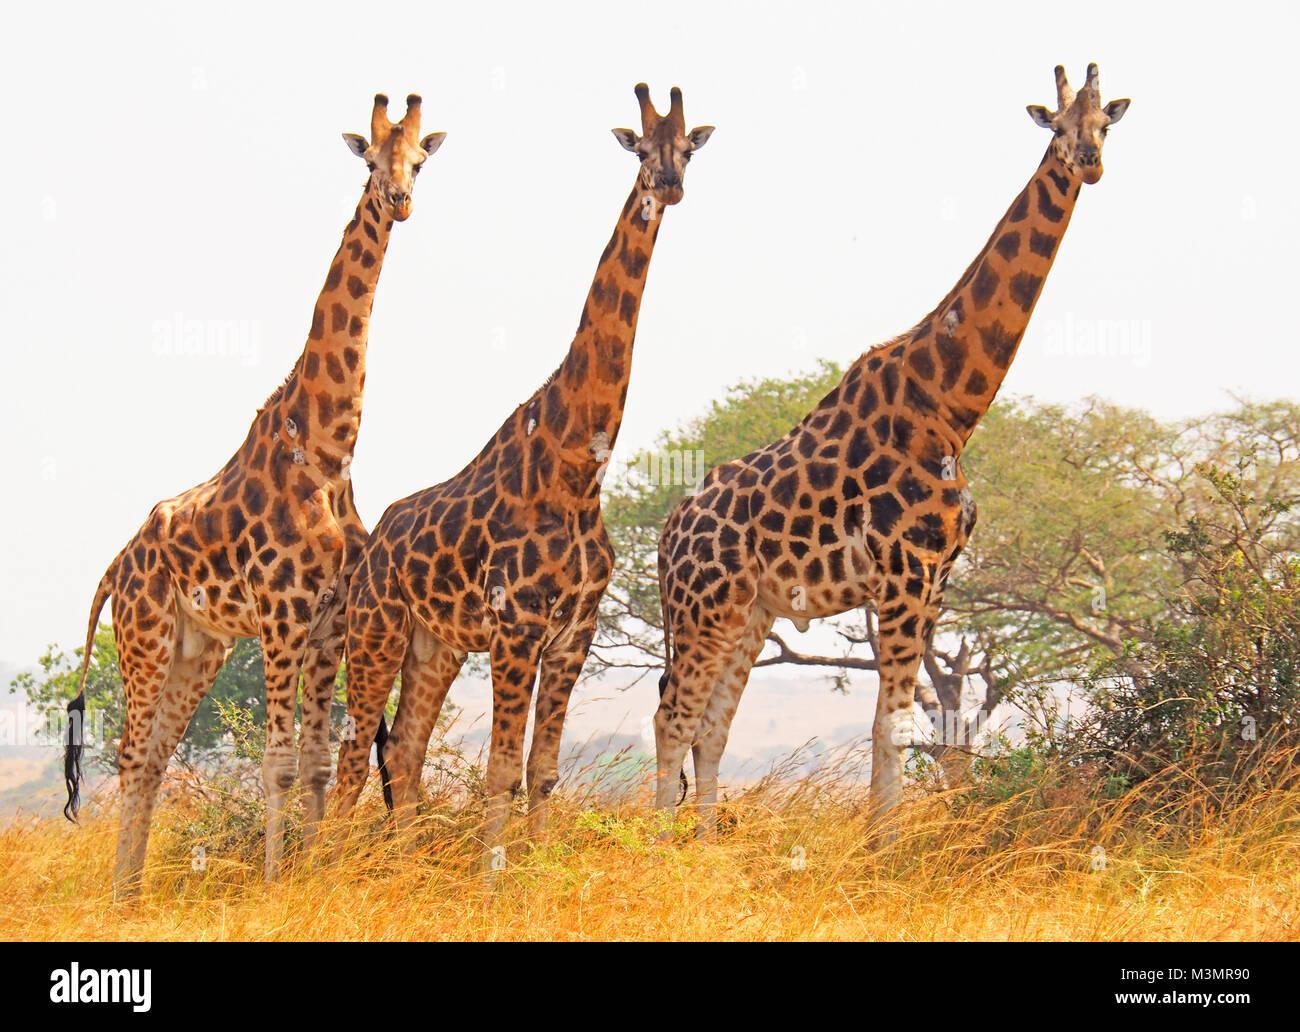 Three endangered Rothschild's giraffes in Murchison Falls National Park, Uganda. - Stock Image